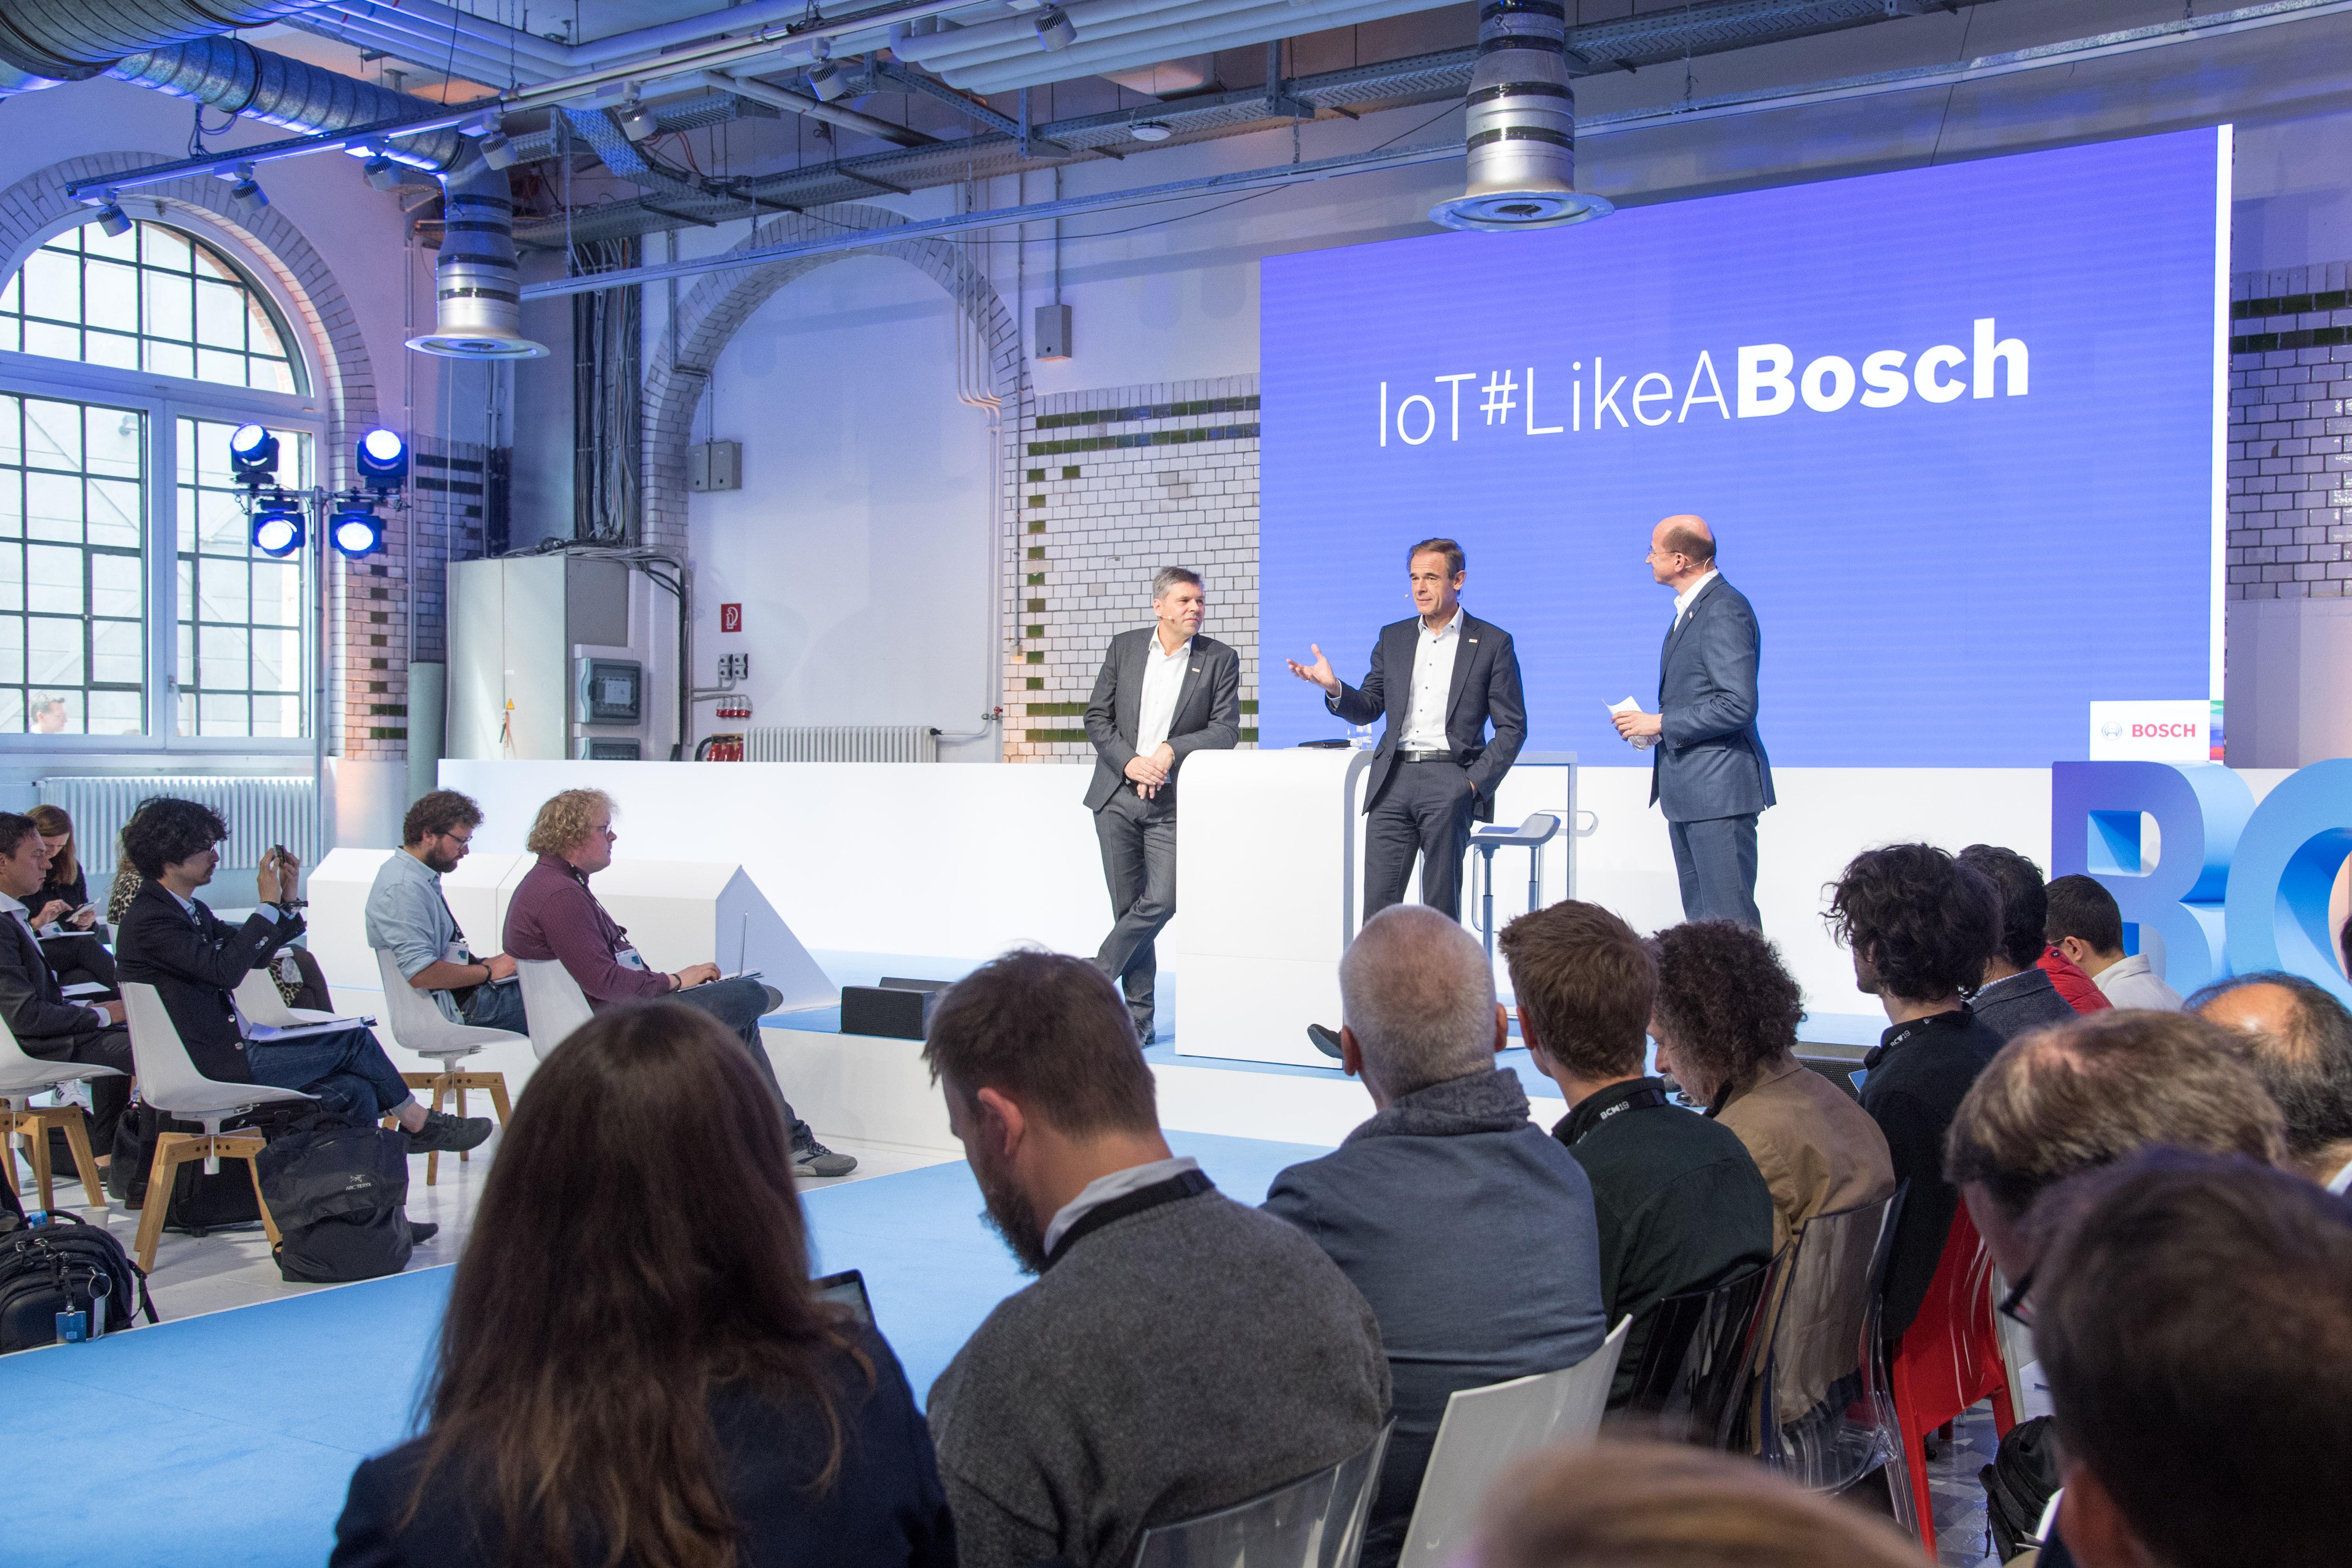 Le novità al Bosch ConnectedWorld 2019 di Berlino